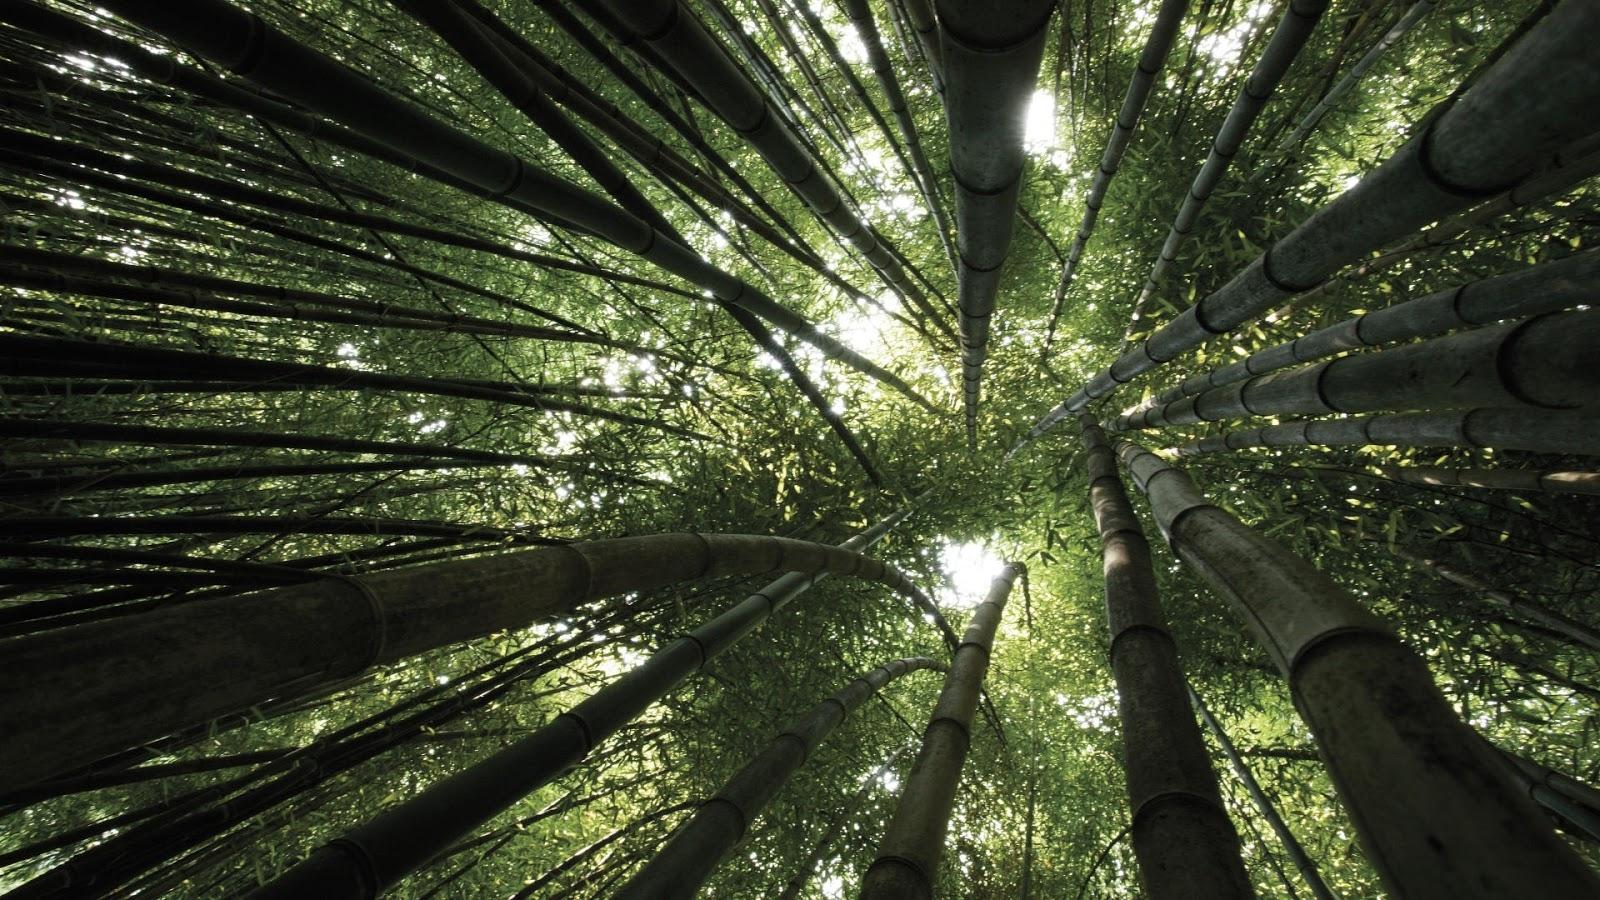 http://3.bp.blogspot.com/-uhe4JniGQHc/T46BTsJn4-I/AAAAAAAADQk/1QydfQD0m_c/s1600/bamboo-forest-canopy-windows-8-wallpaper-1920x1080.jpg